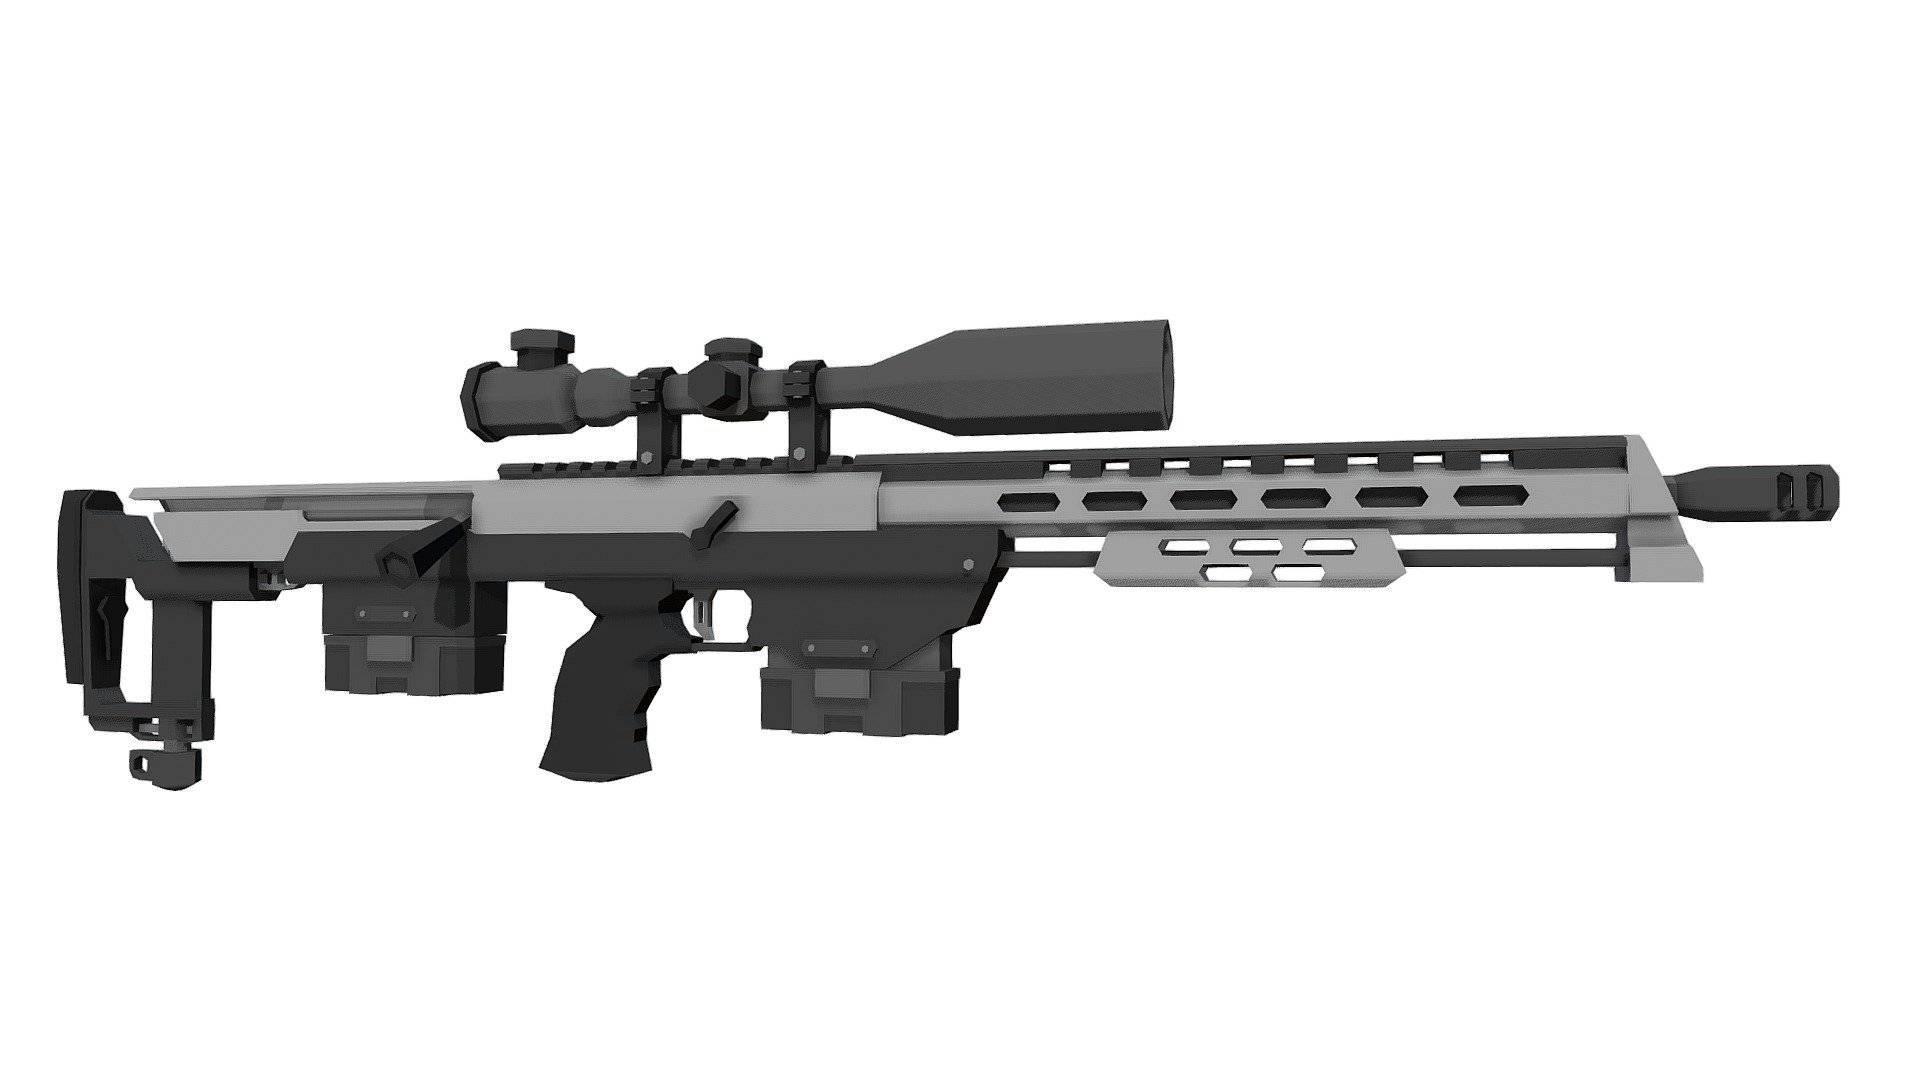 Dsr-precision dsr-50